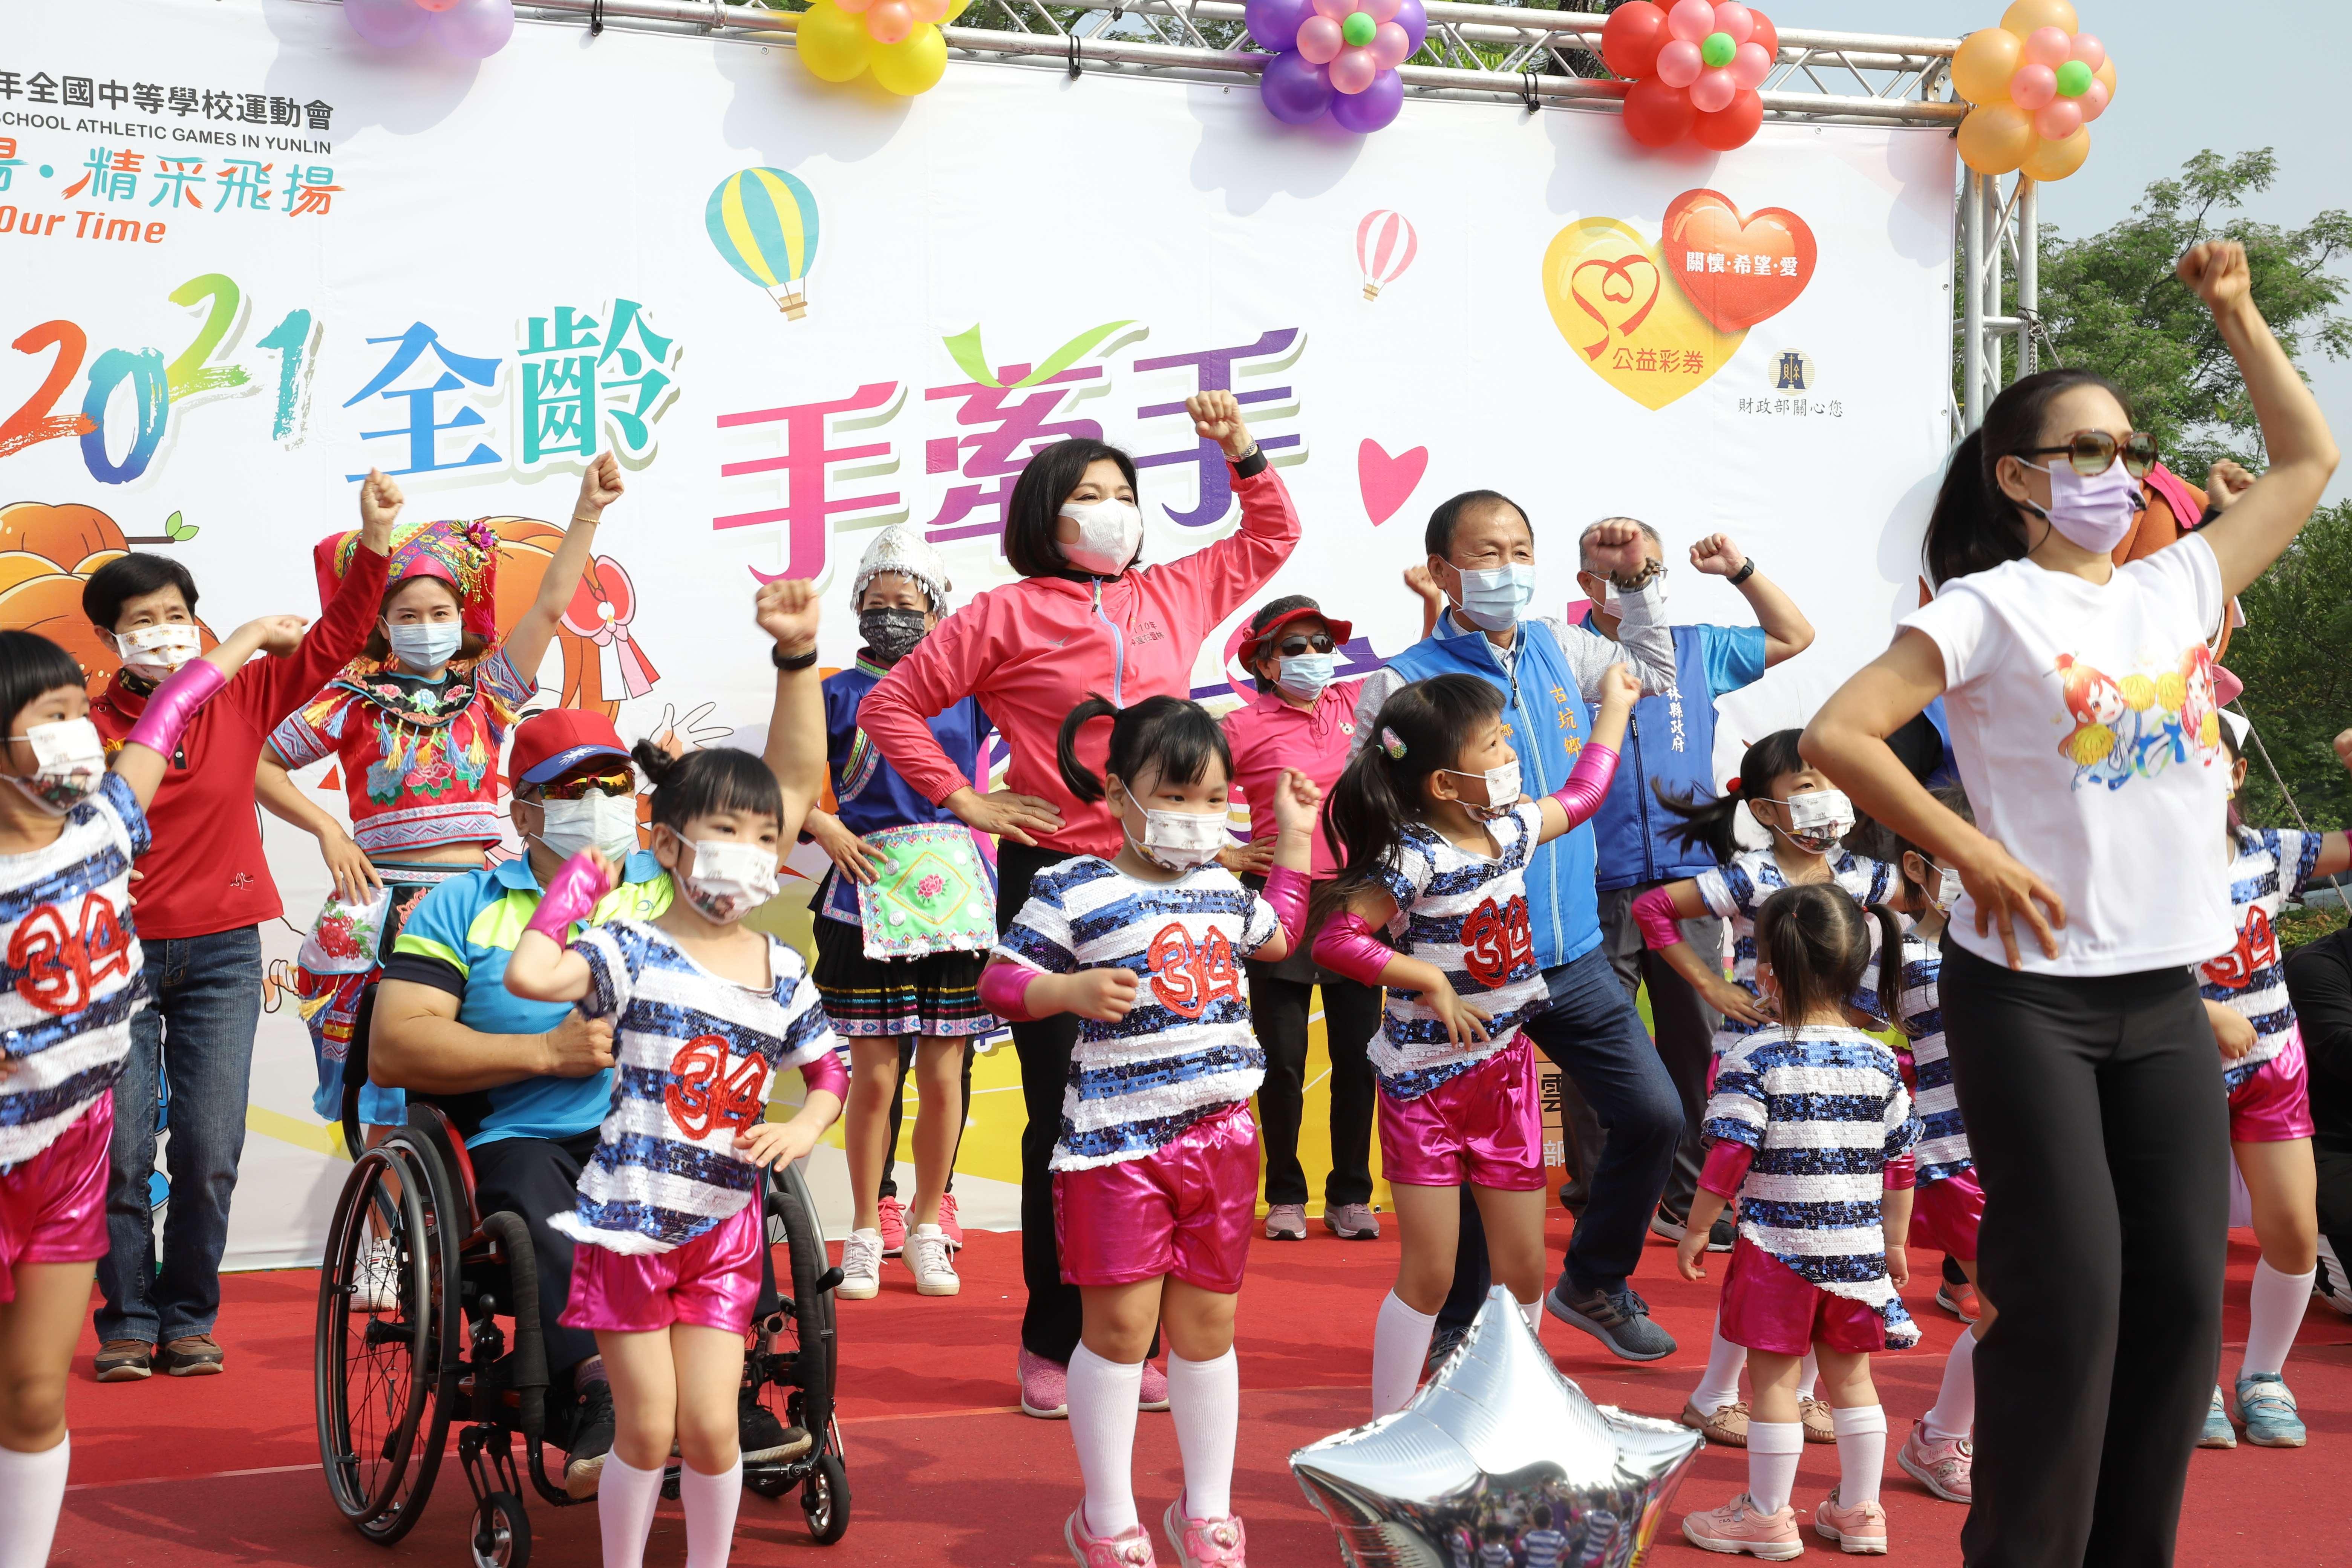 張縣長帶領現場民眾一起跳全中運主題曲「熱血青春」舞蹈暖身。